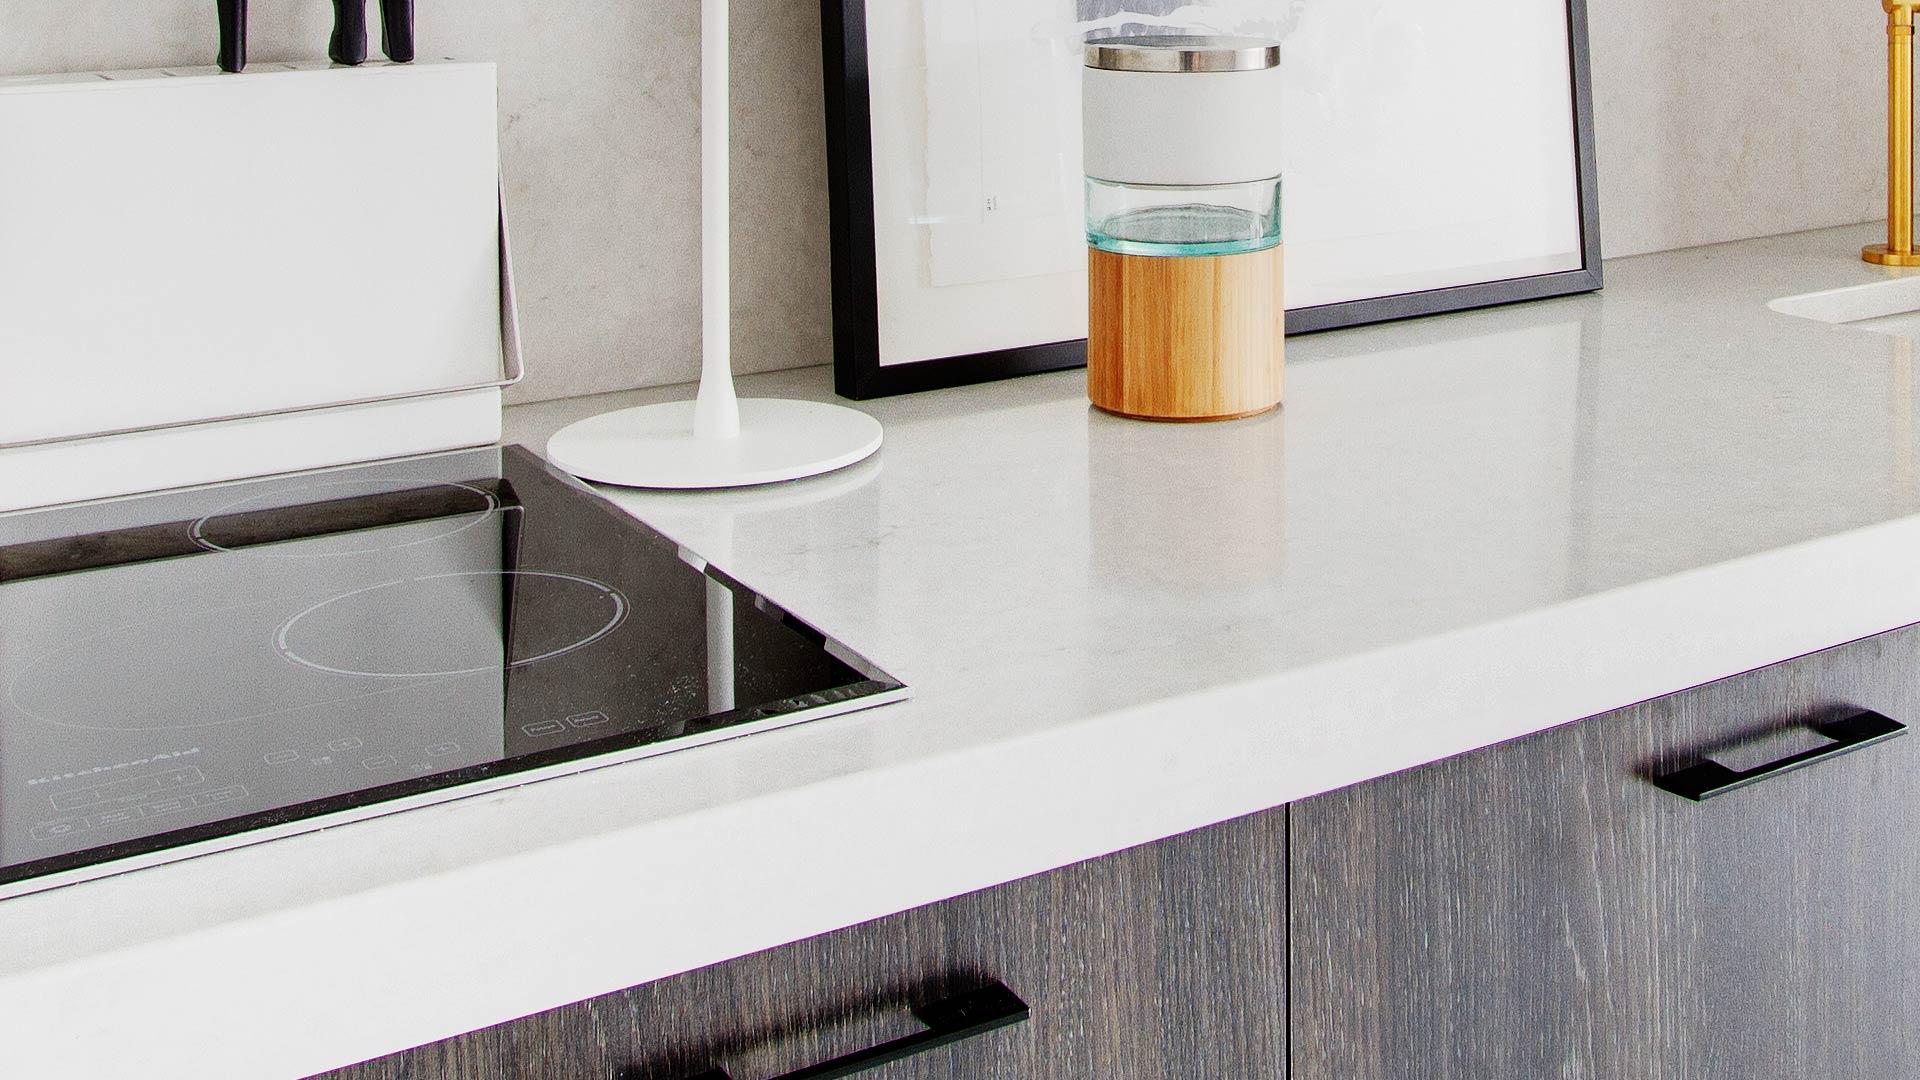 comptoirs avant de choisir le type de surface pour votre comptoir renseignez vous sur la. Black Bedroom Furniture Sets. Home Design Ideas